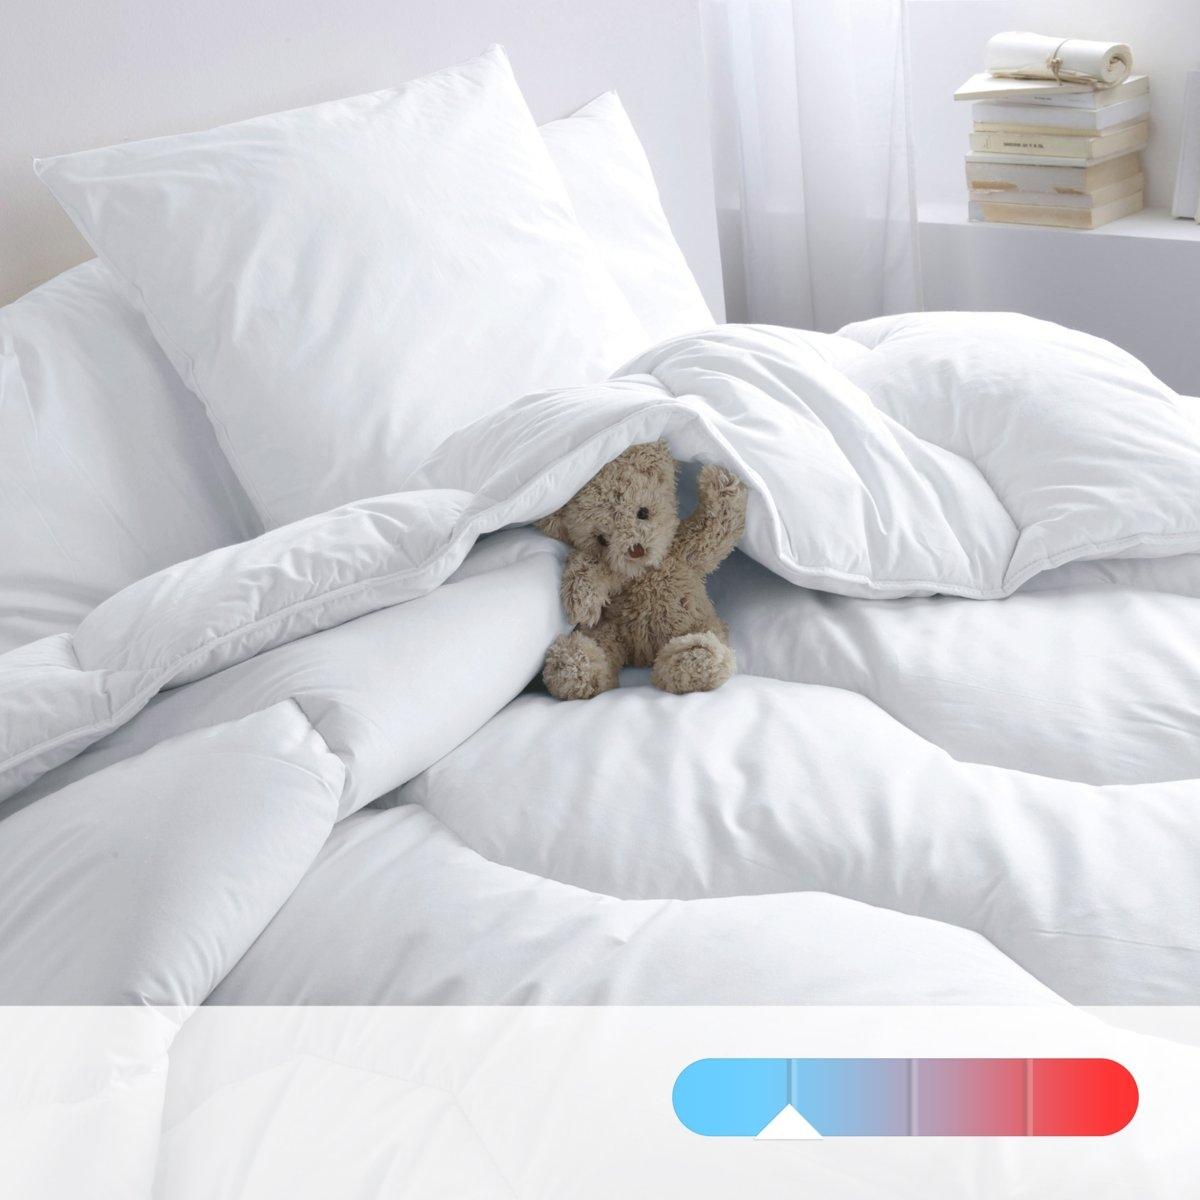 Одеяло синтетическое для летнего периодаОдеяло высокого качества для летнего периода от Redoute (175 г/м?) гарантирует мягкость и комфорт. Идеально при температуре воздуха в комнате от 22° и выше .     Наполнитель : 100% полиэстер supraloft, полые волокна с силиконовым покрытием обеспечивают мягкость и пышность.          Верх: 100% хлопок.          Отделка : Прострочка шестиугольниками.Отделка кантом, укрепленная двойная прострочка.          Уход: : стирка при 40° . Возможна барабанная сушка на умеренном режиме      .          Продается в сумке-чехле<br><br>Цвет: белый<br>Размер: 200 x 200  см.240 x 220  см.260 x 240  см